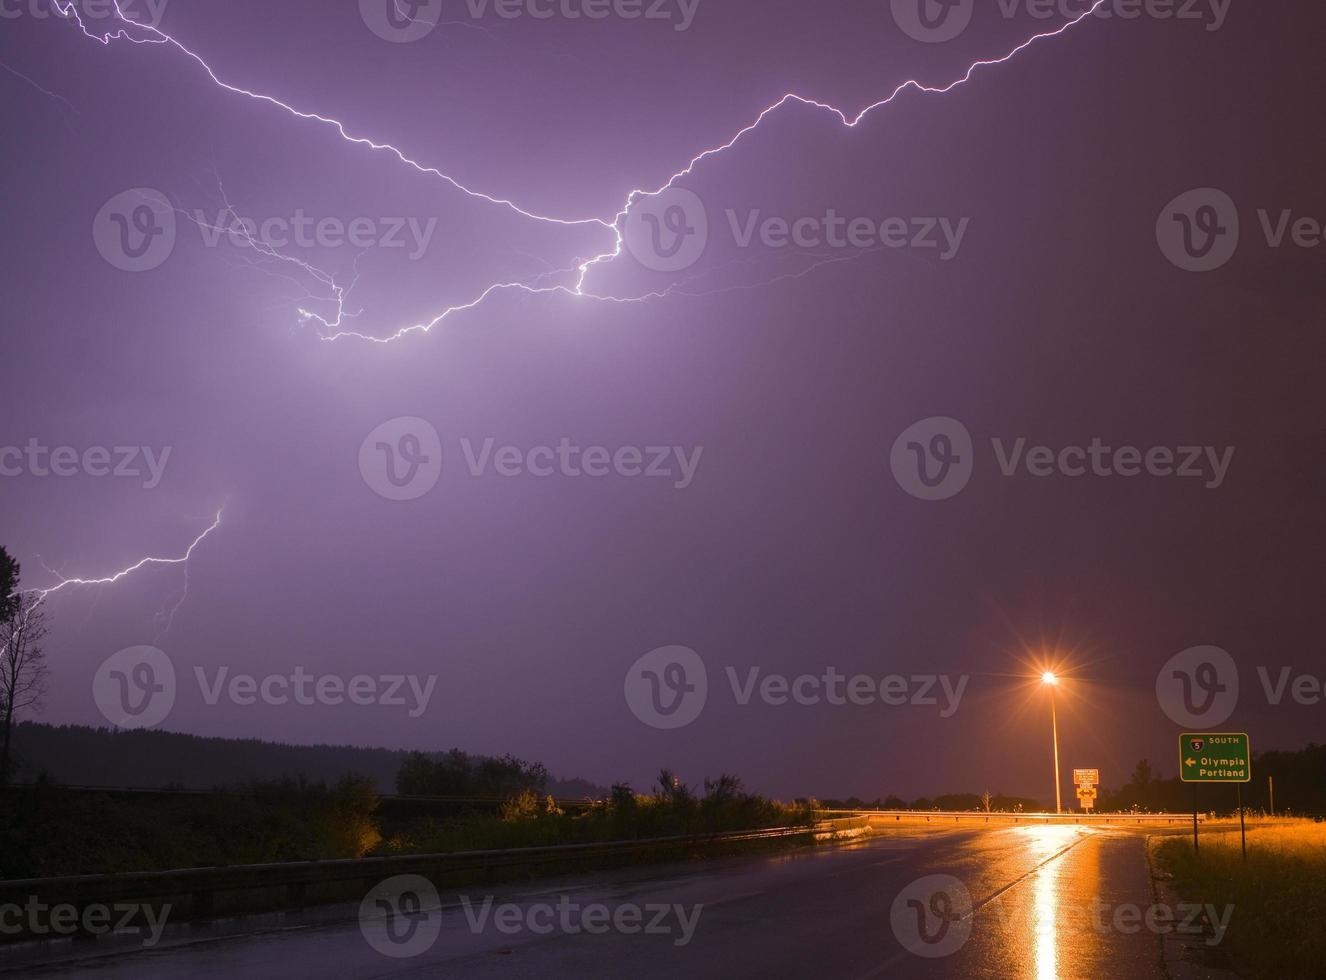 espetacular exibição de relâmpagos carga elétrica tempestade com trovões foto